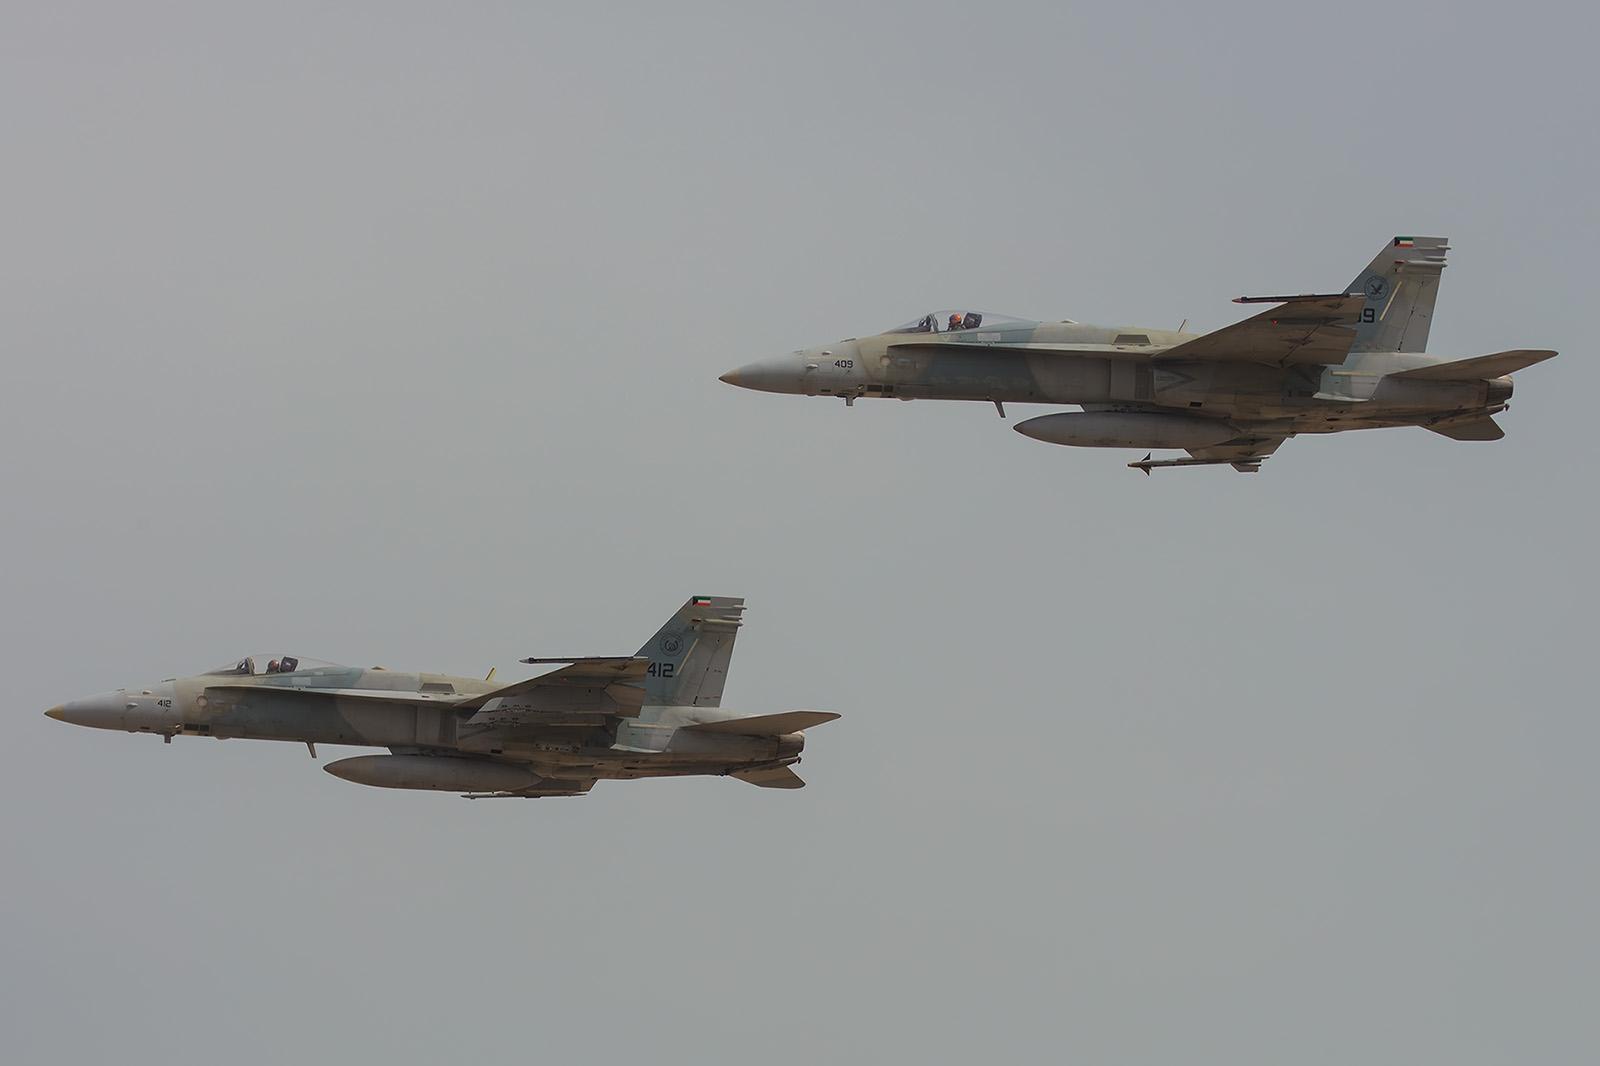 Nochmal zwei Hornets in Formation.